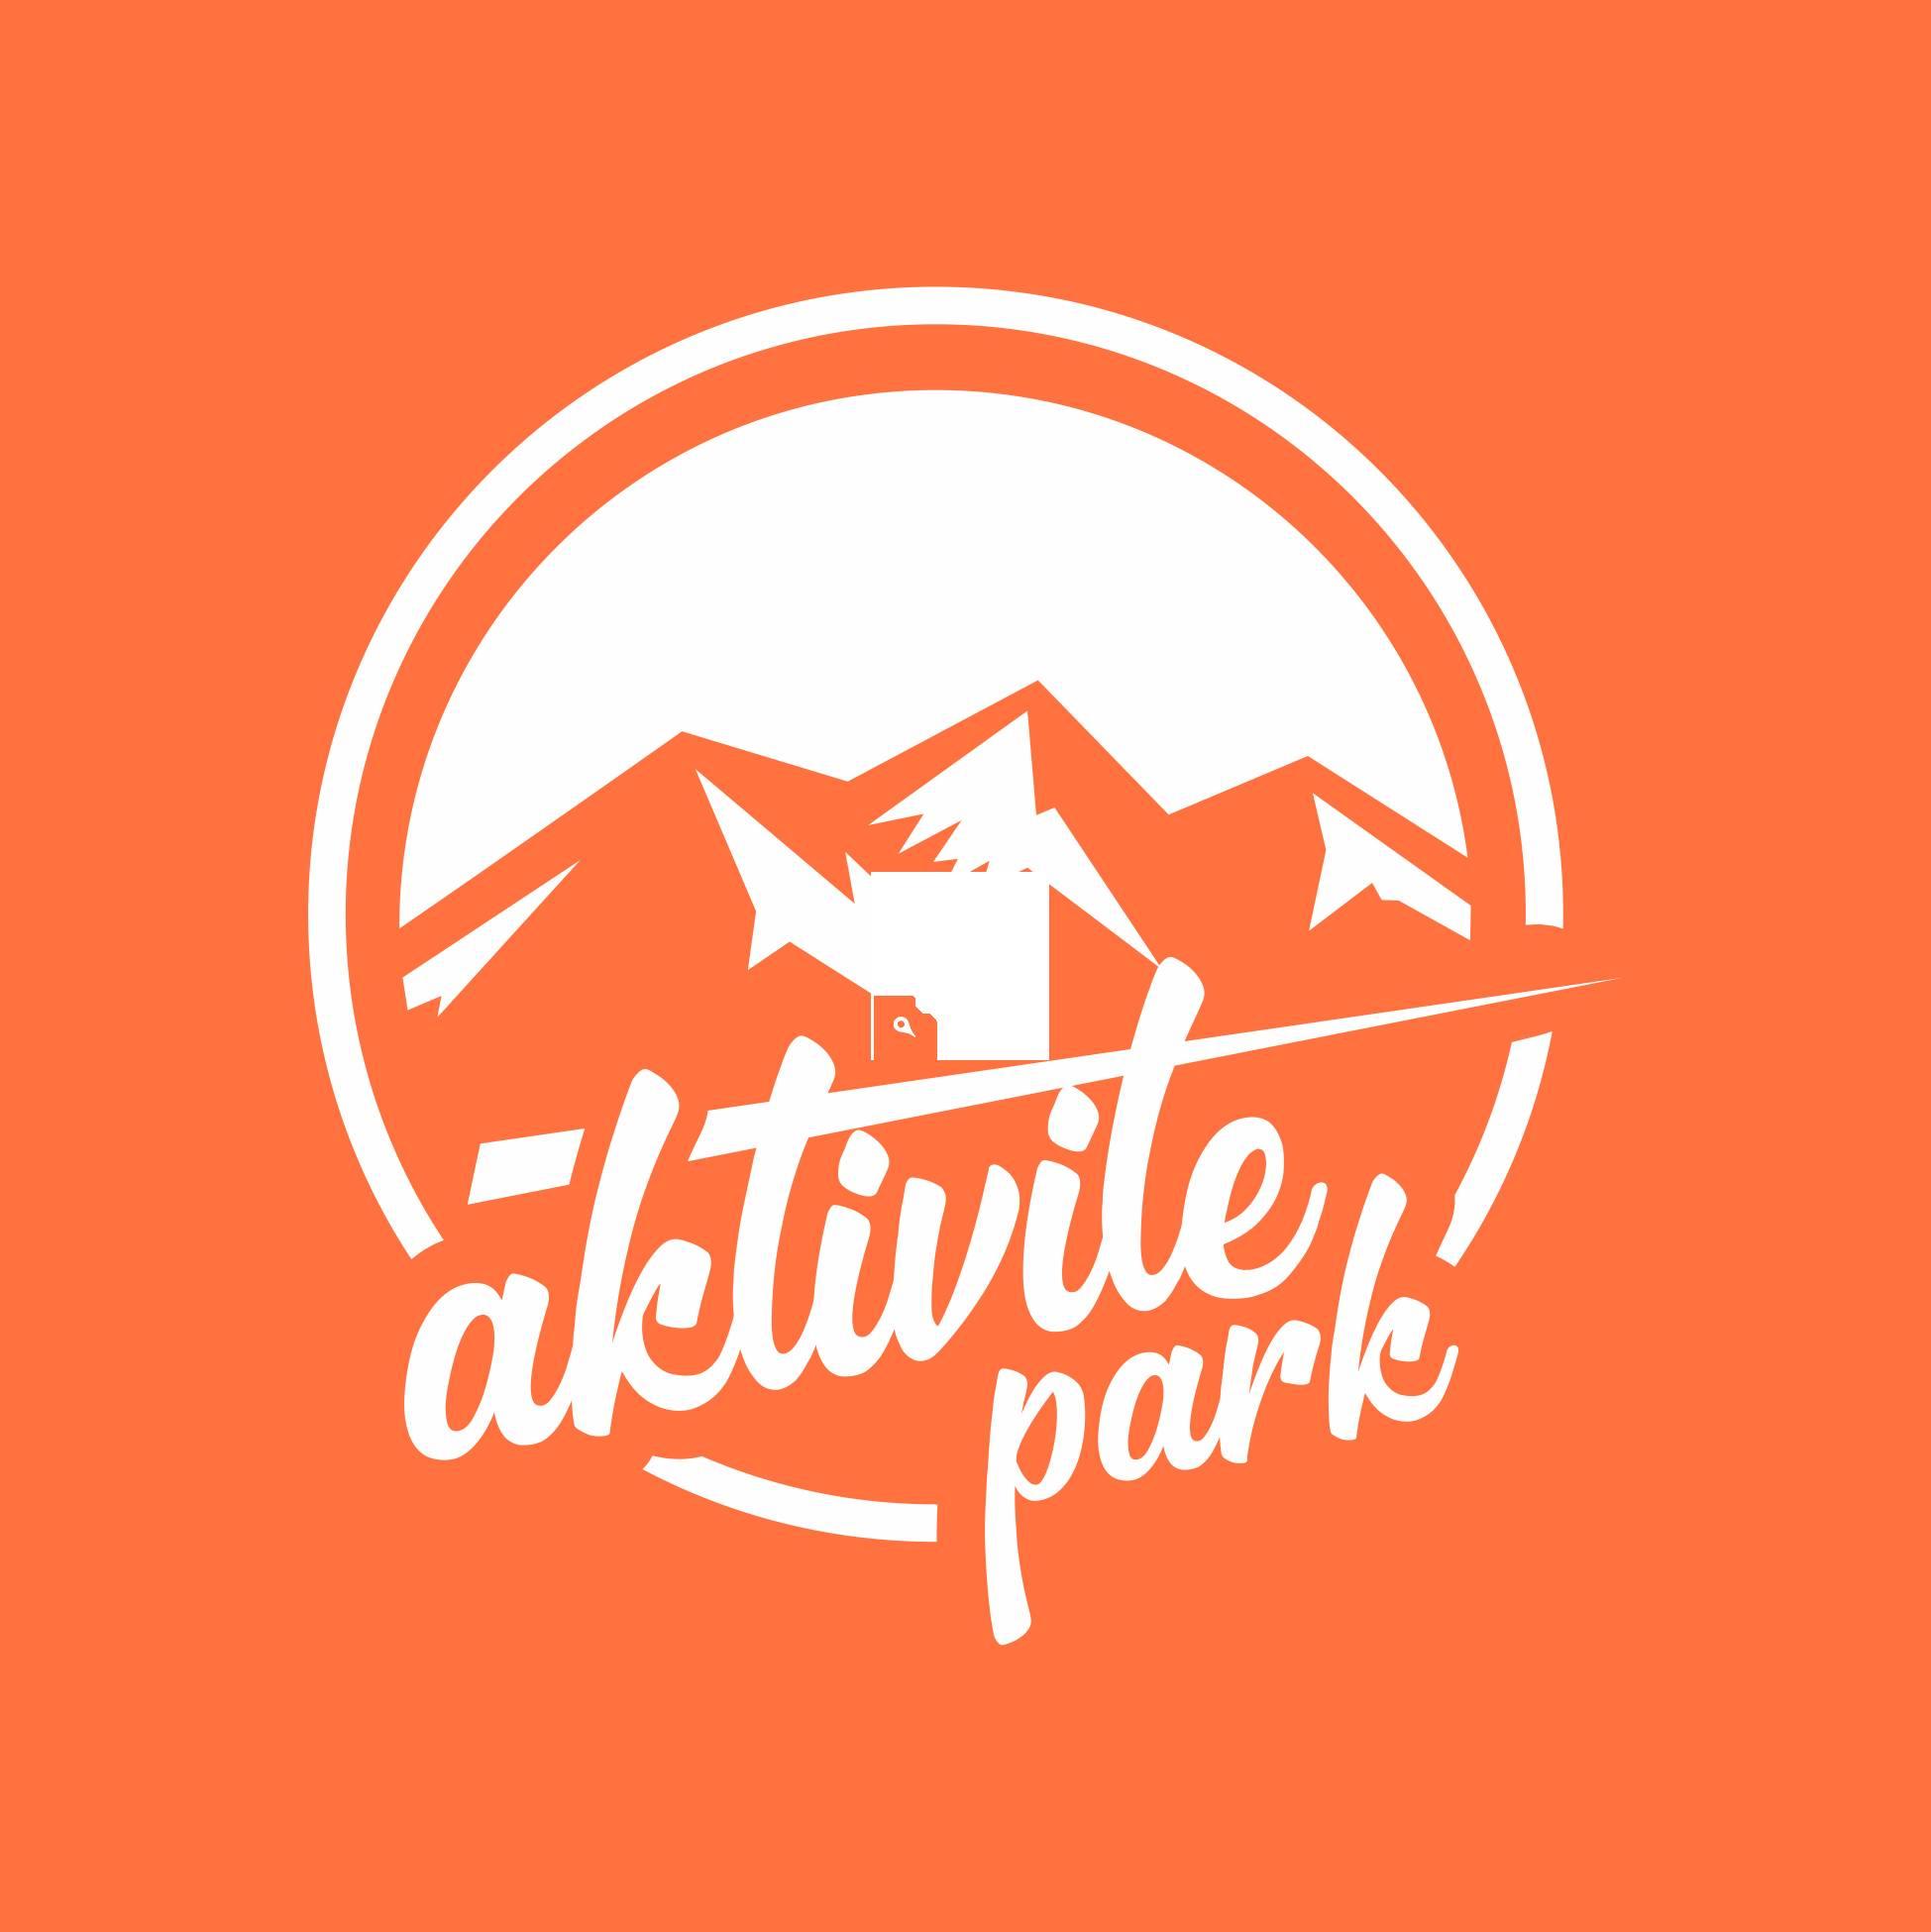 AkvititePark